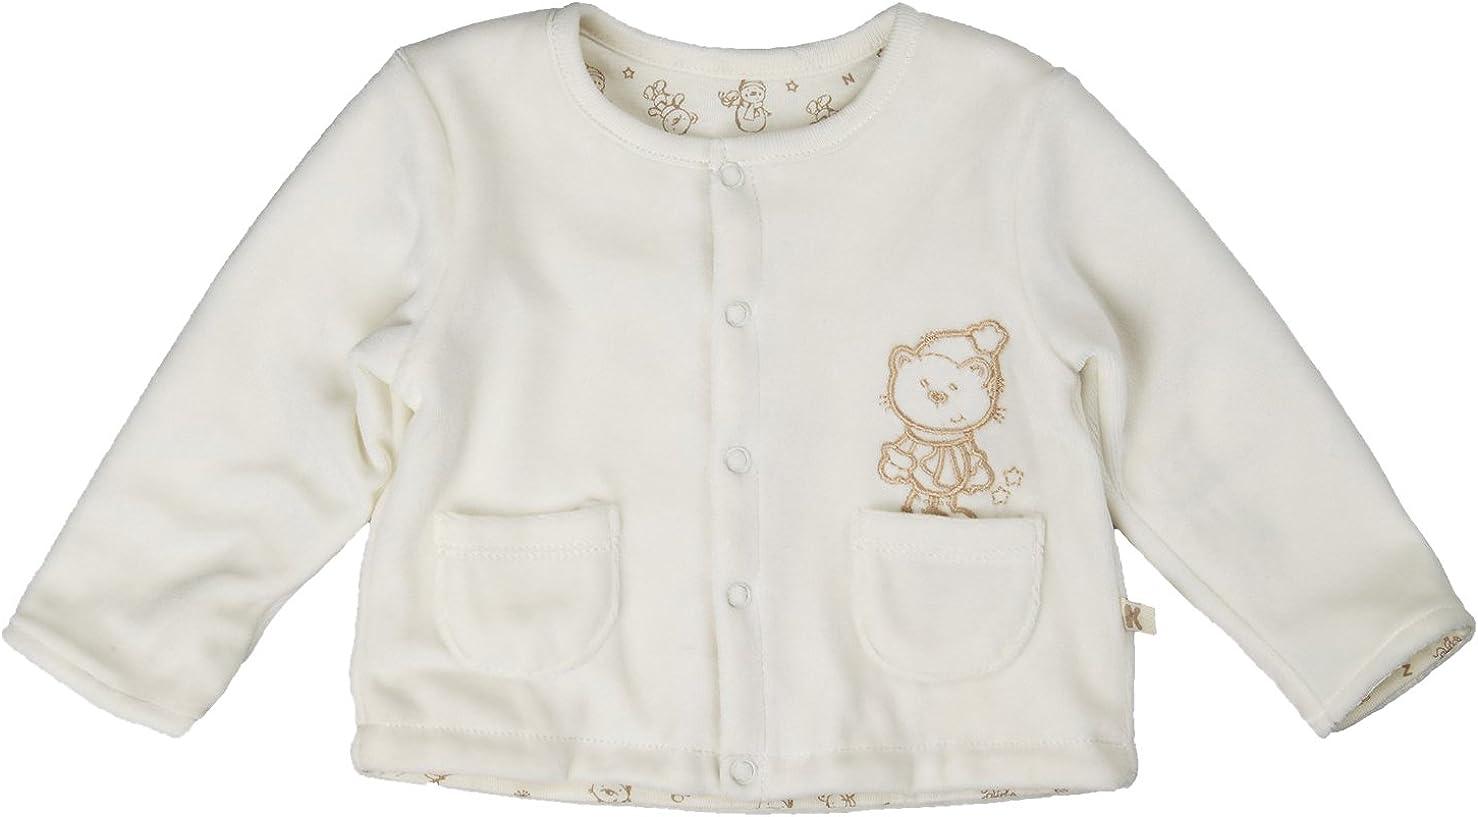 Kanz Baby Jacket